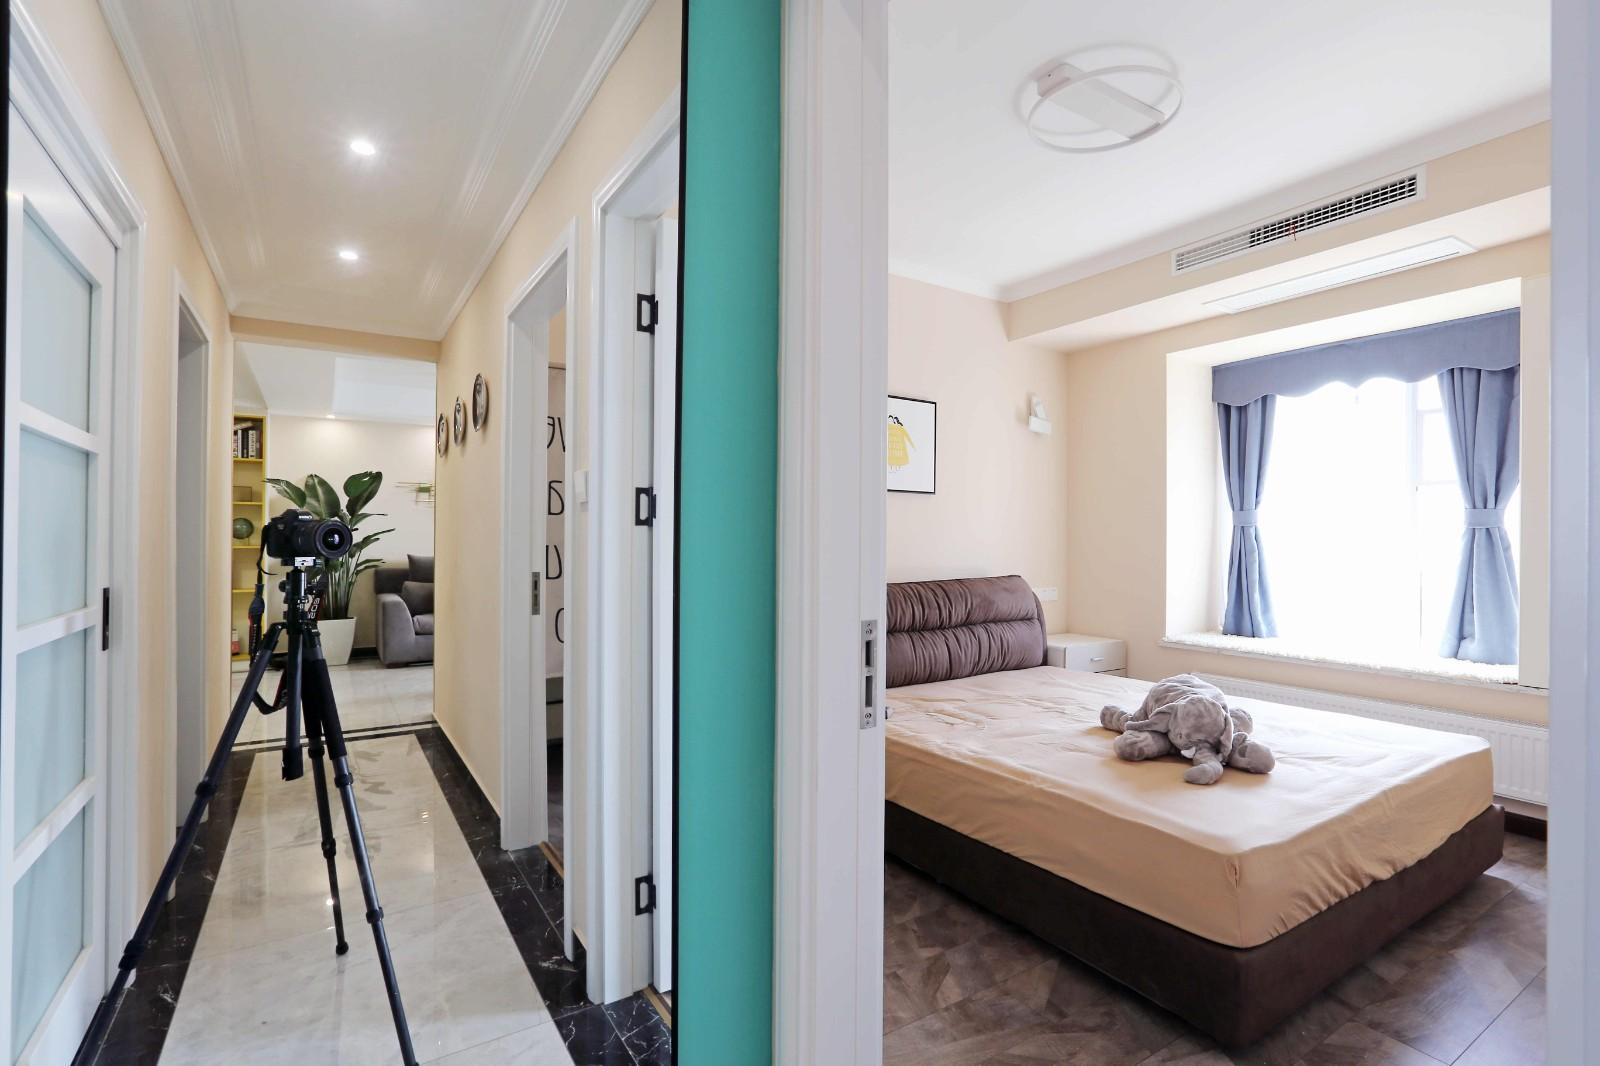 2021混搭起居室装修设计 2021混搭细节装修效果图大全